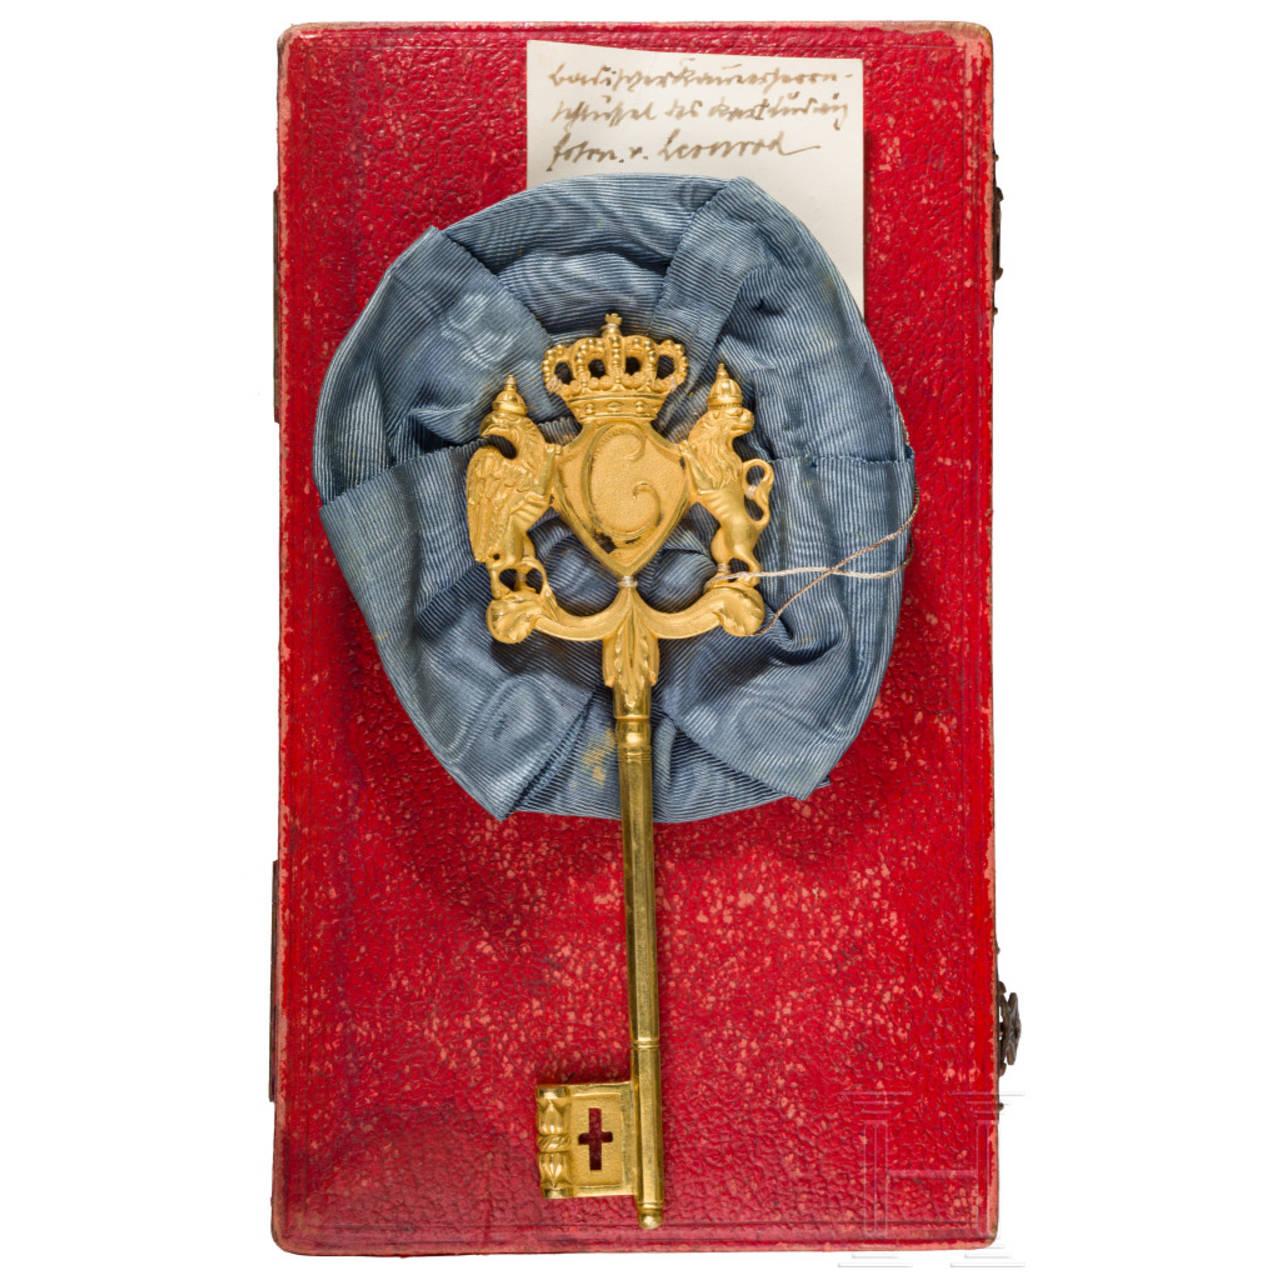 Ludwig Freiherr von Leonrod - a Grand Duchy of Baden chamberlain's key